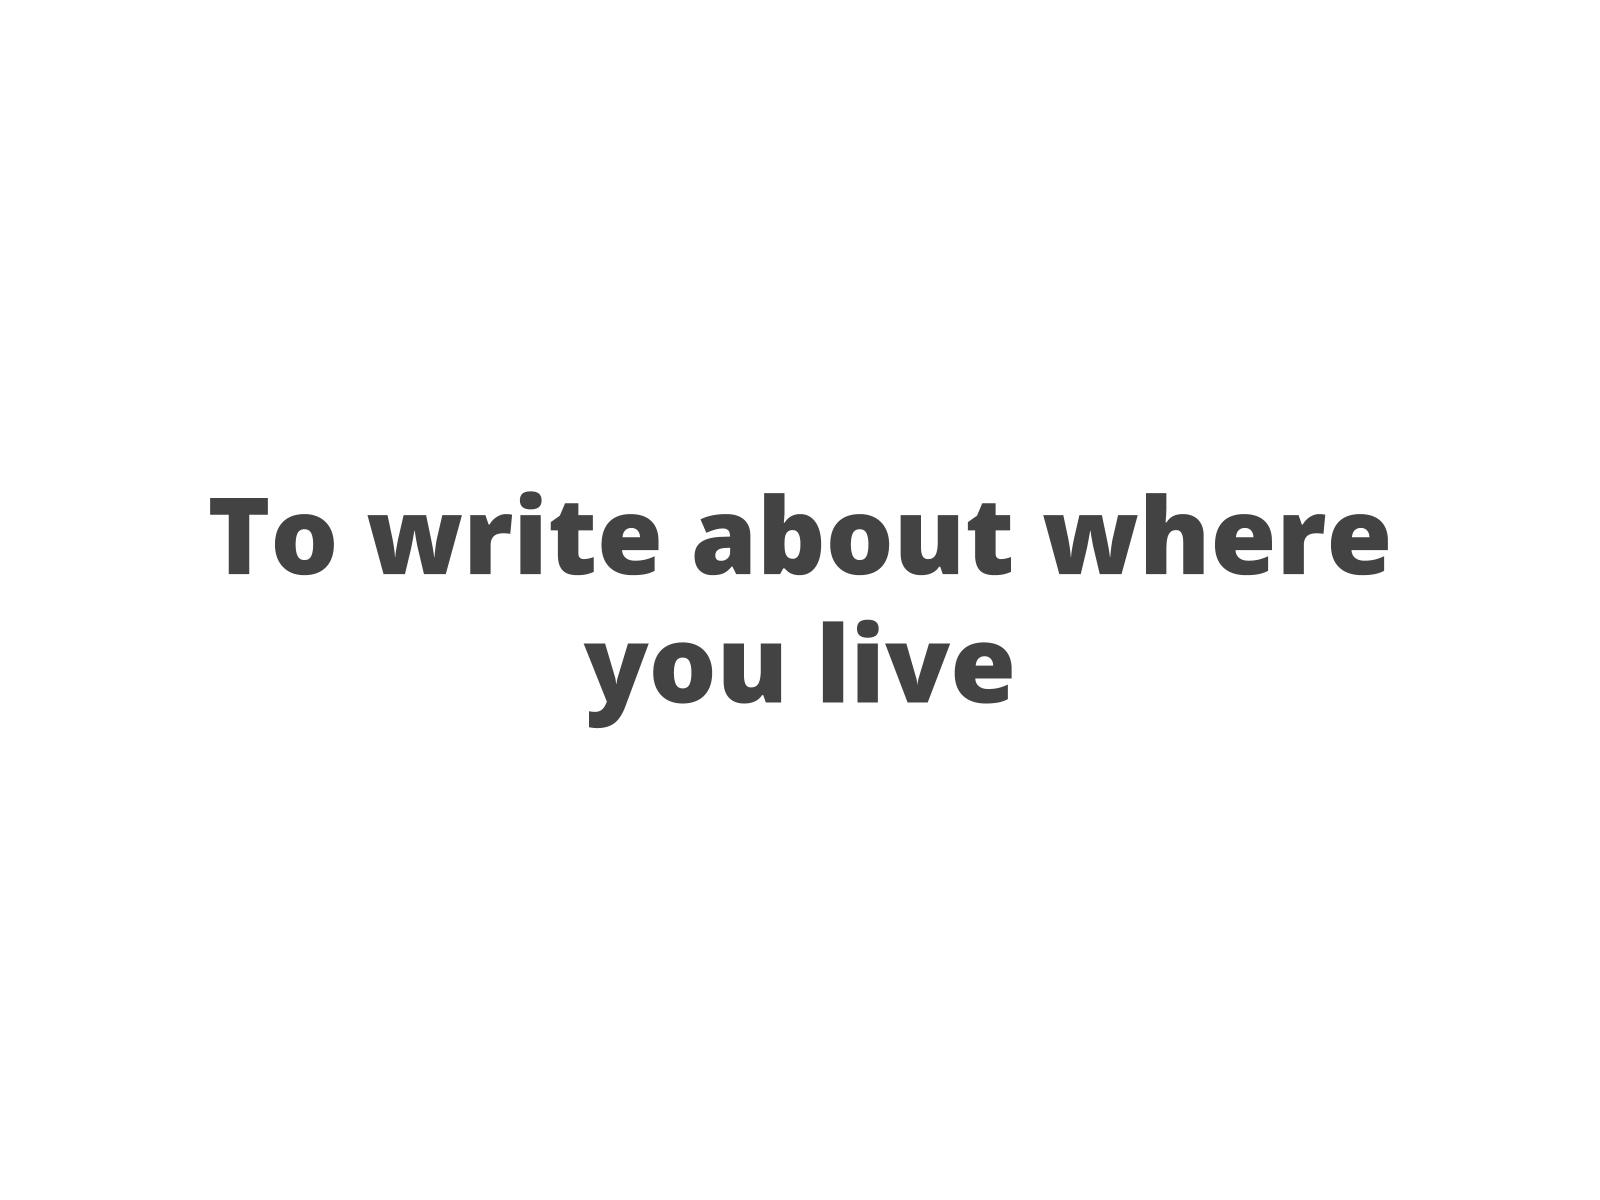 Meu lar e minha comunidade